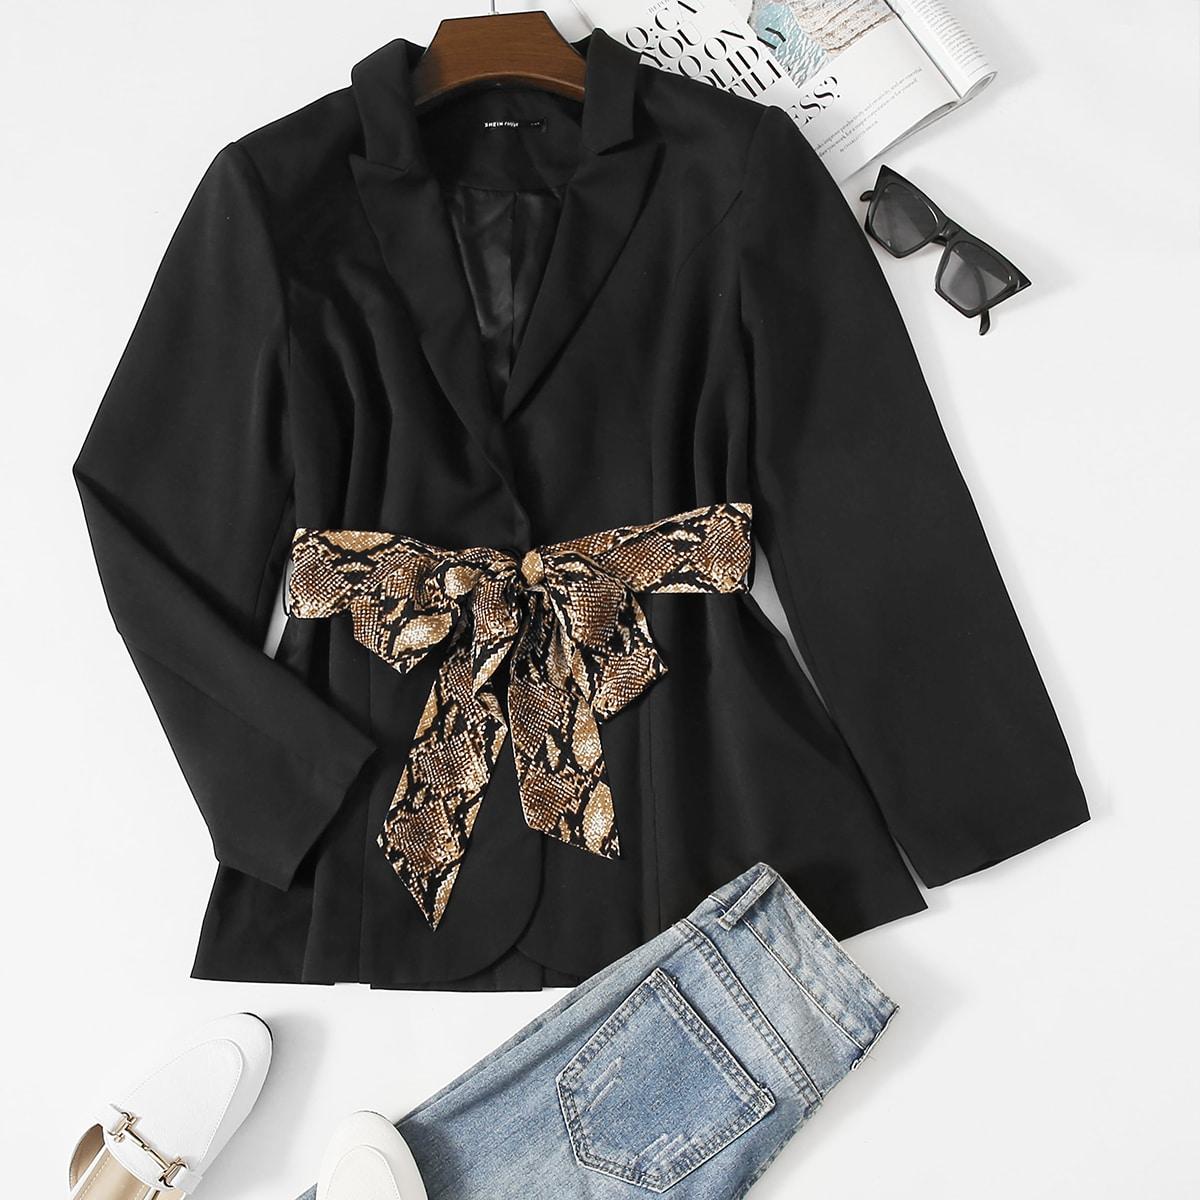 Пиджак размера плюс с разрезом сзади и поясом с змеиным принтом